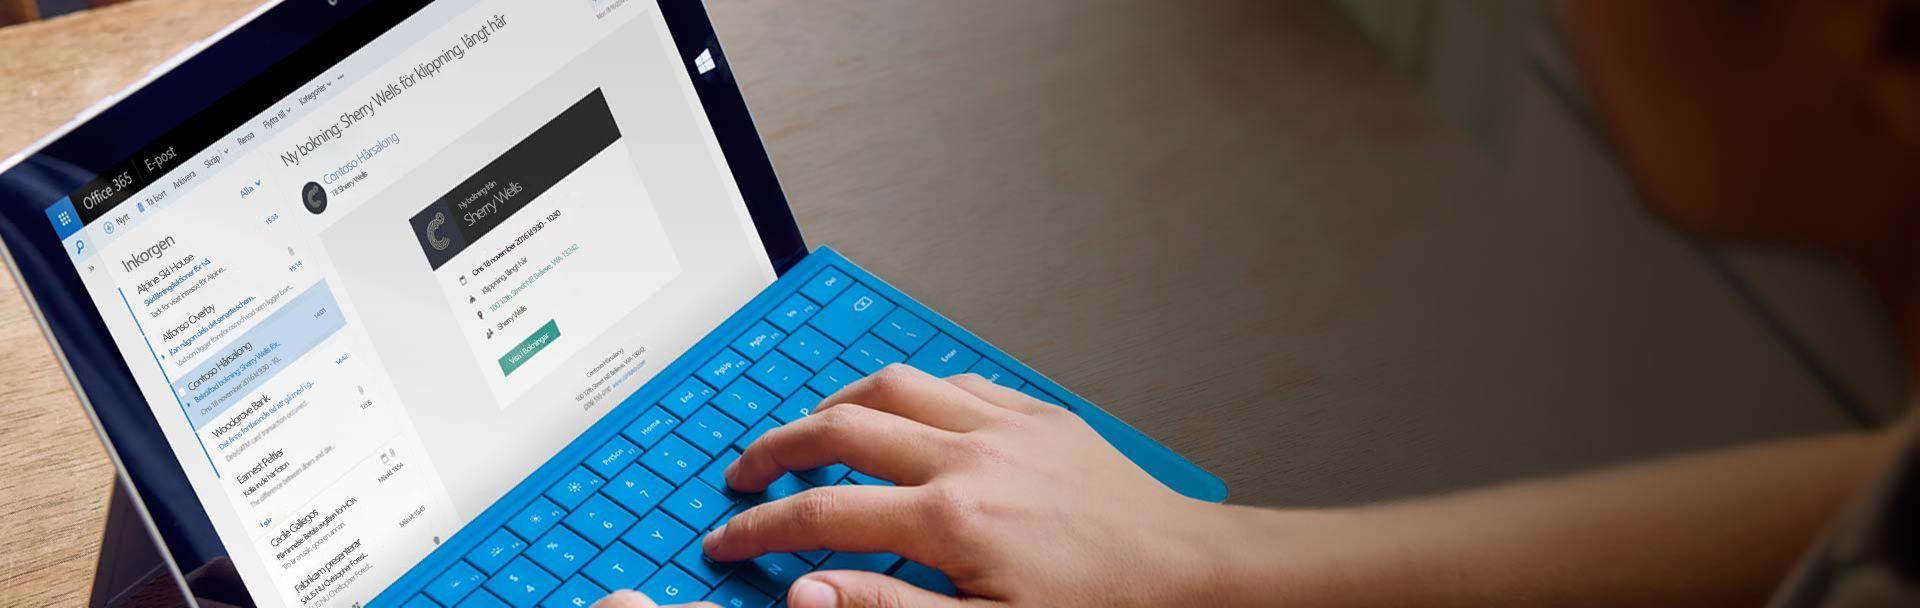 En surfplatta visar påminnelser om avtalade tider i e-post i Office 365 Bookings.